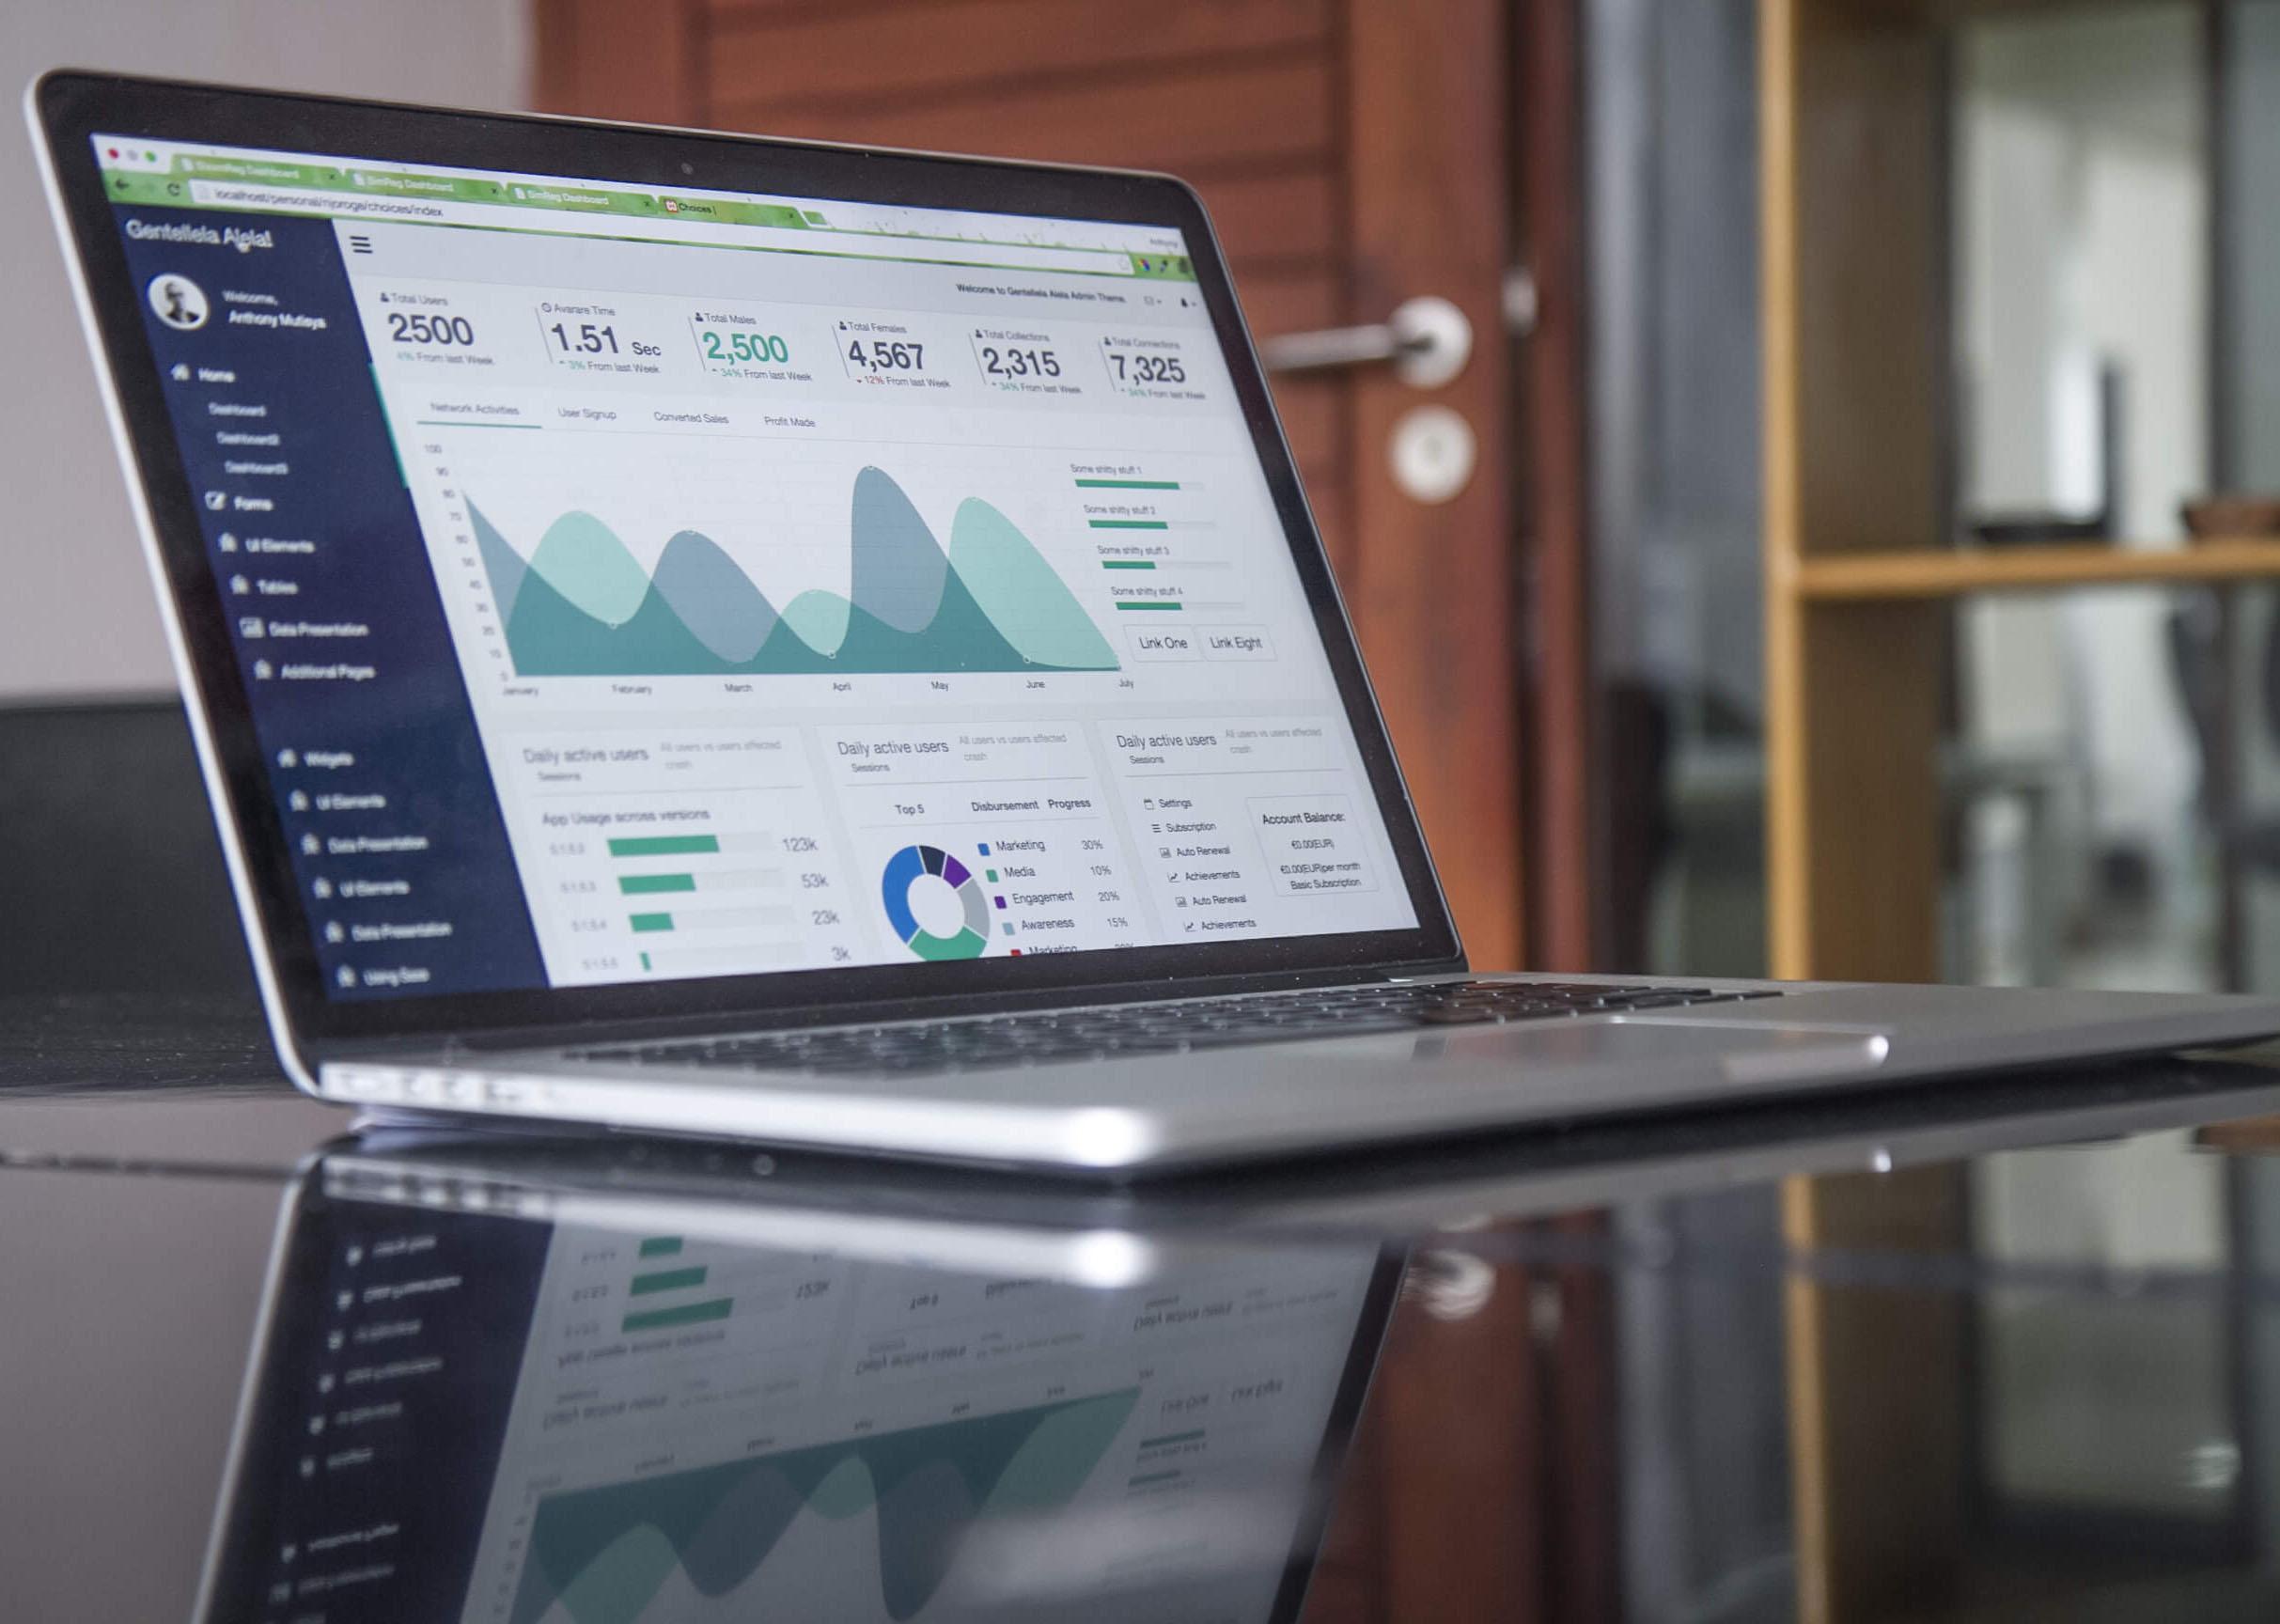 Создание механизмов успешного внедрения стратегии бизнес-единицы в ИТ корпорации